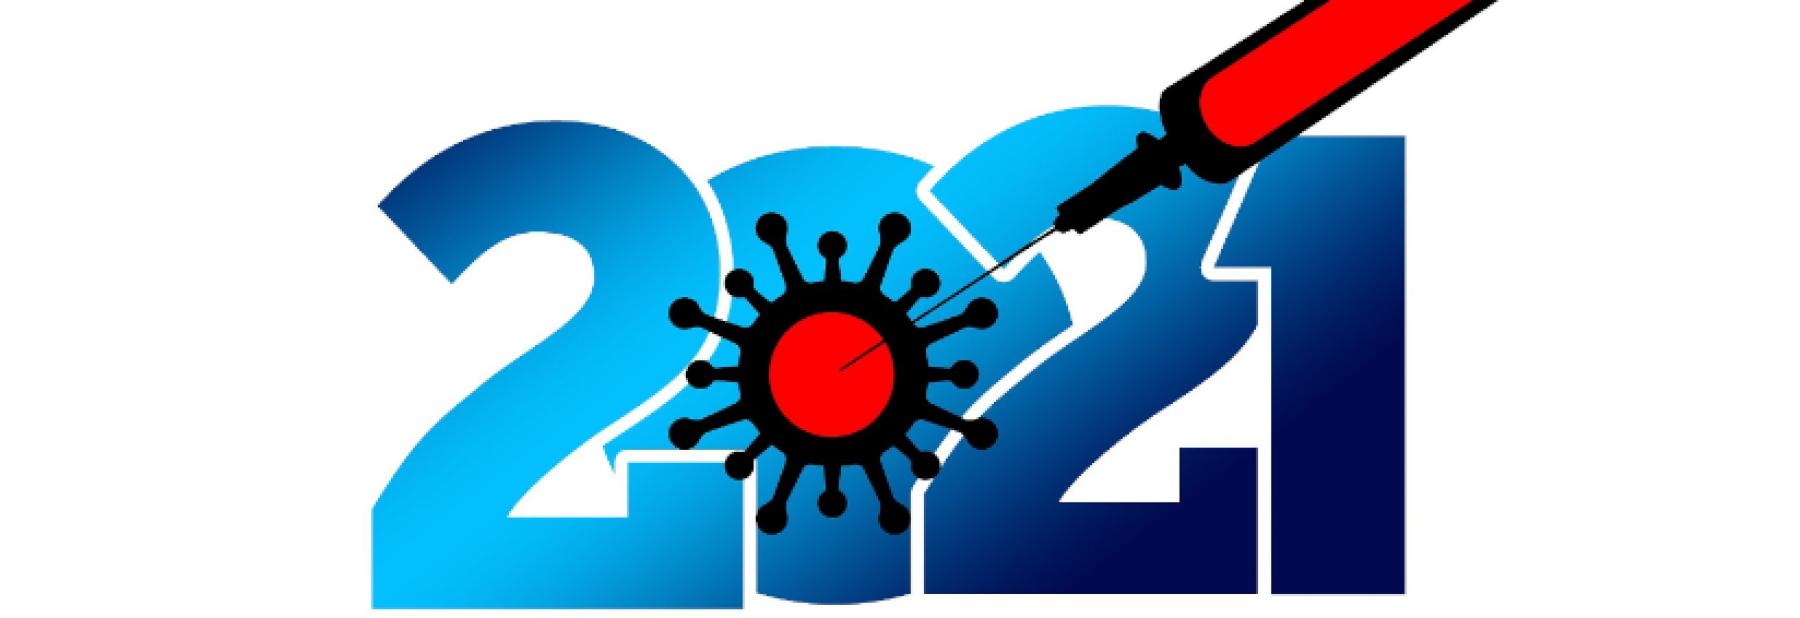 vaccino2021